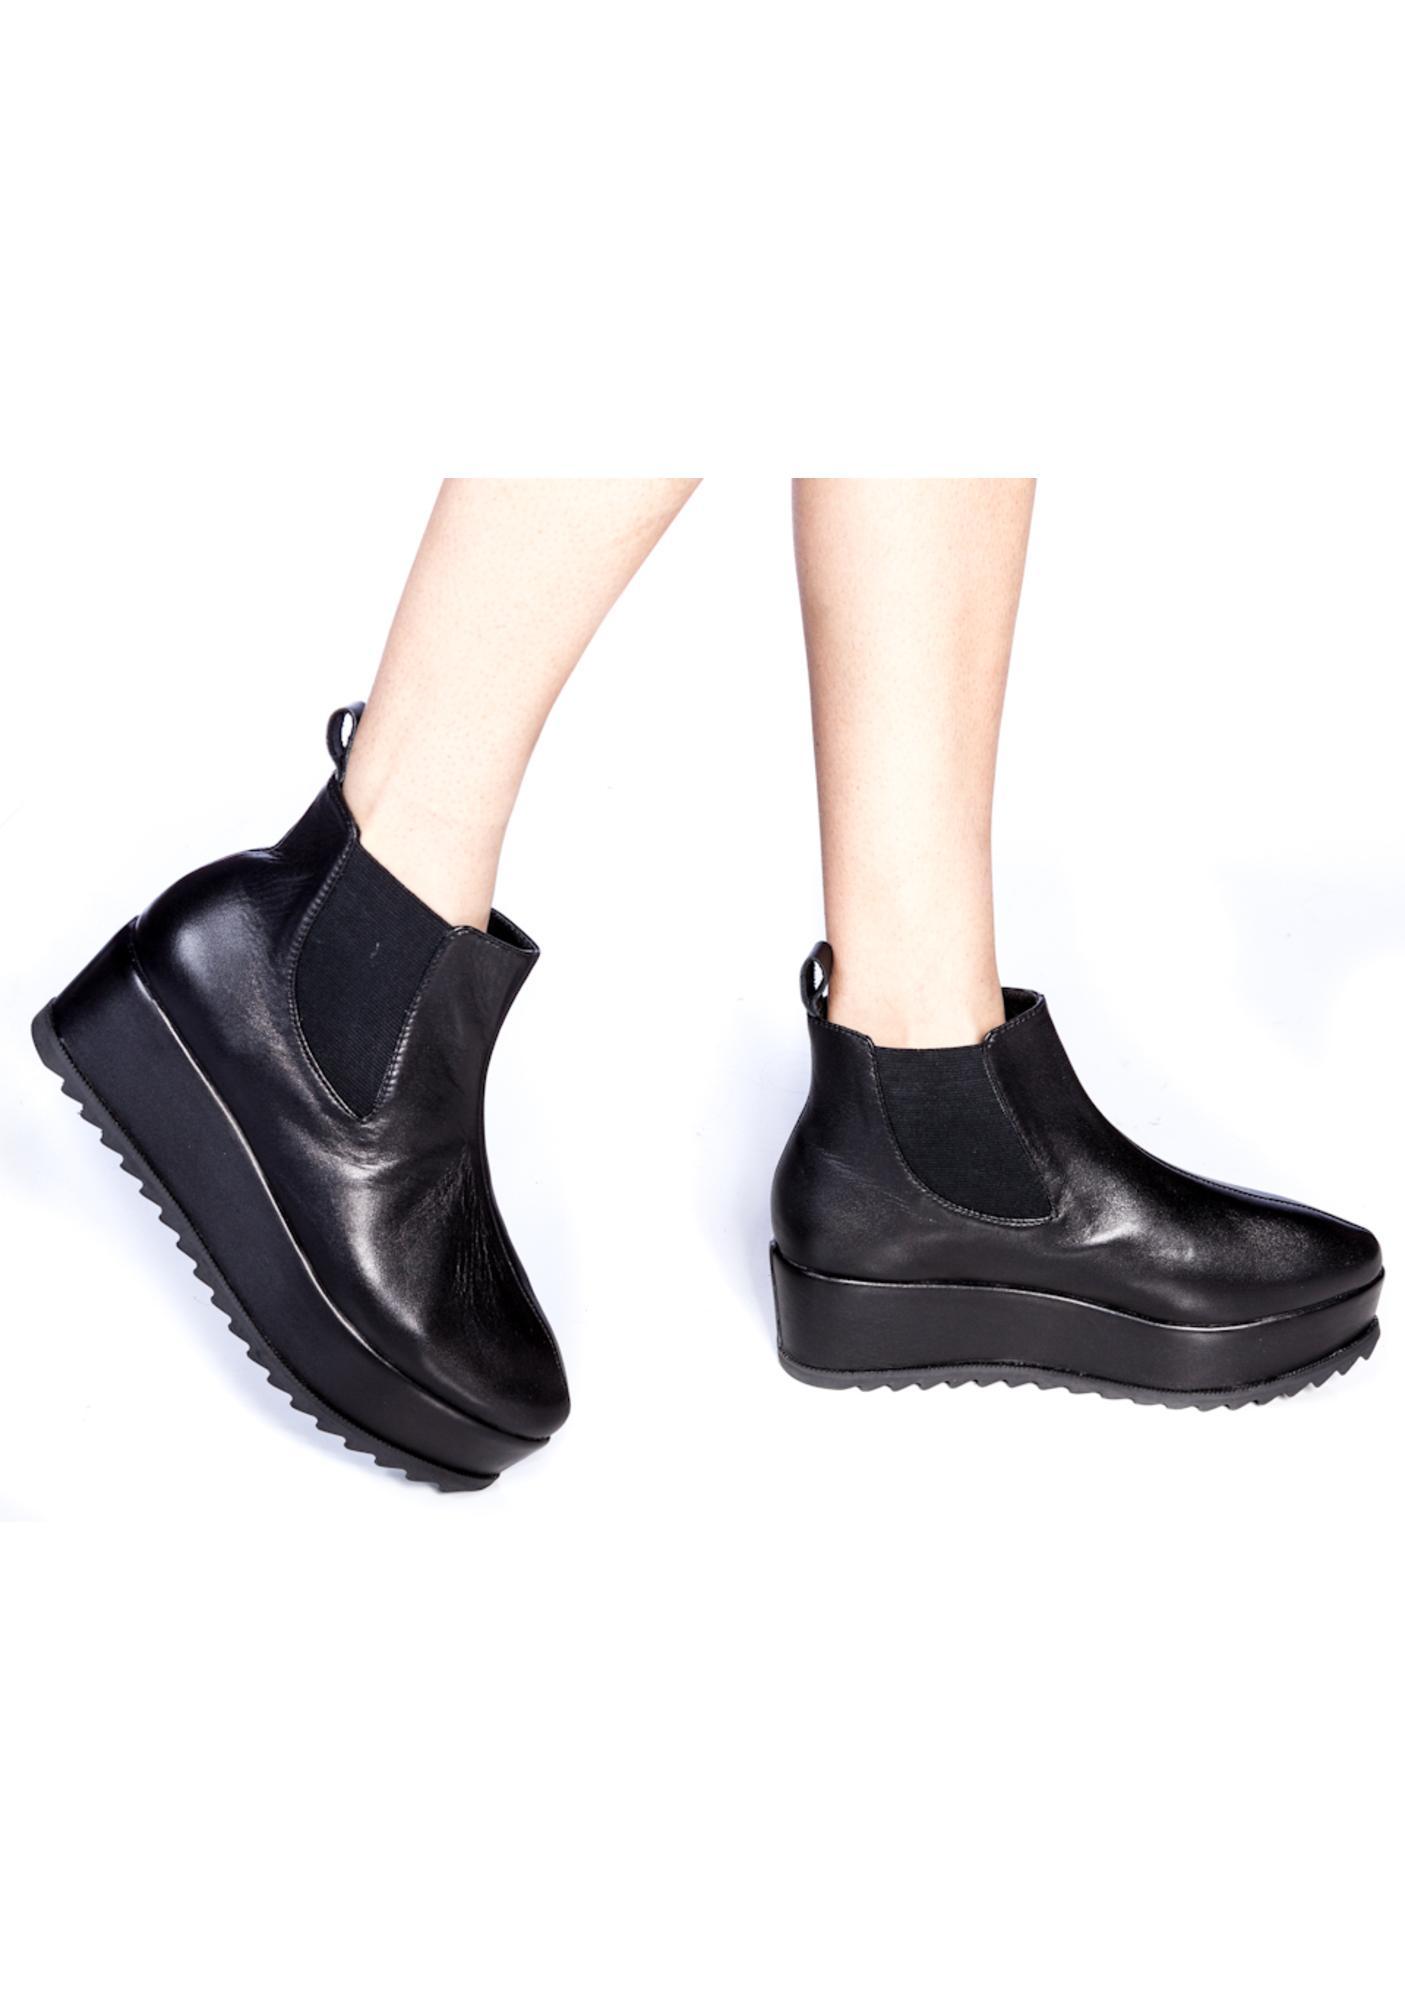 UNIF Hellsea Shoes